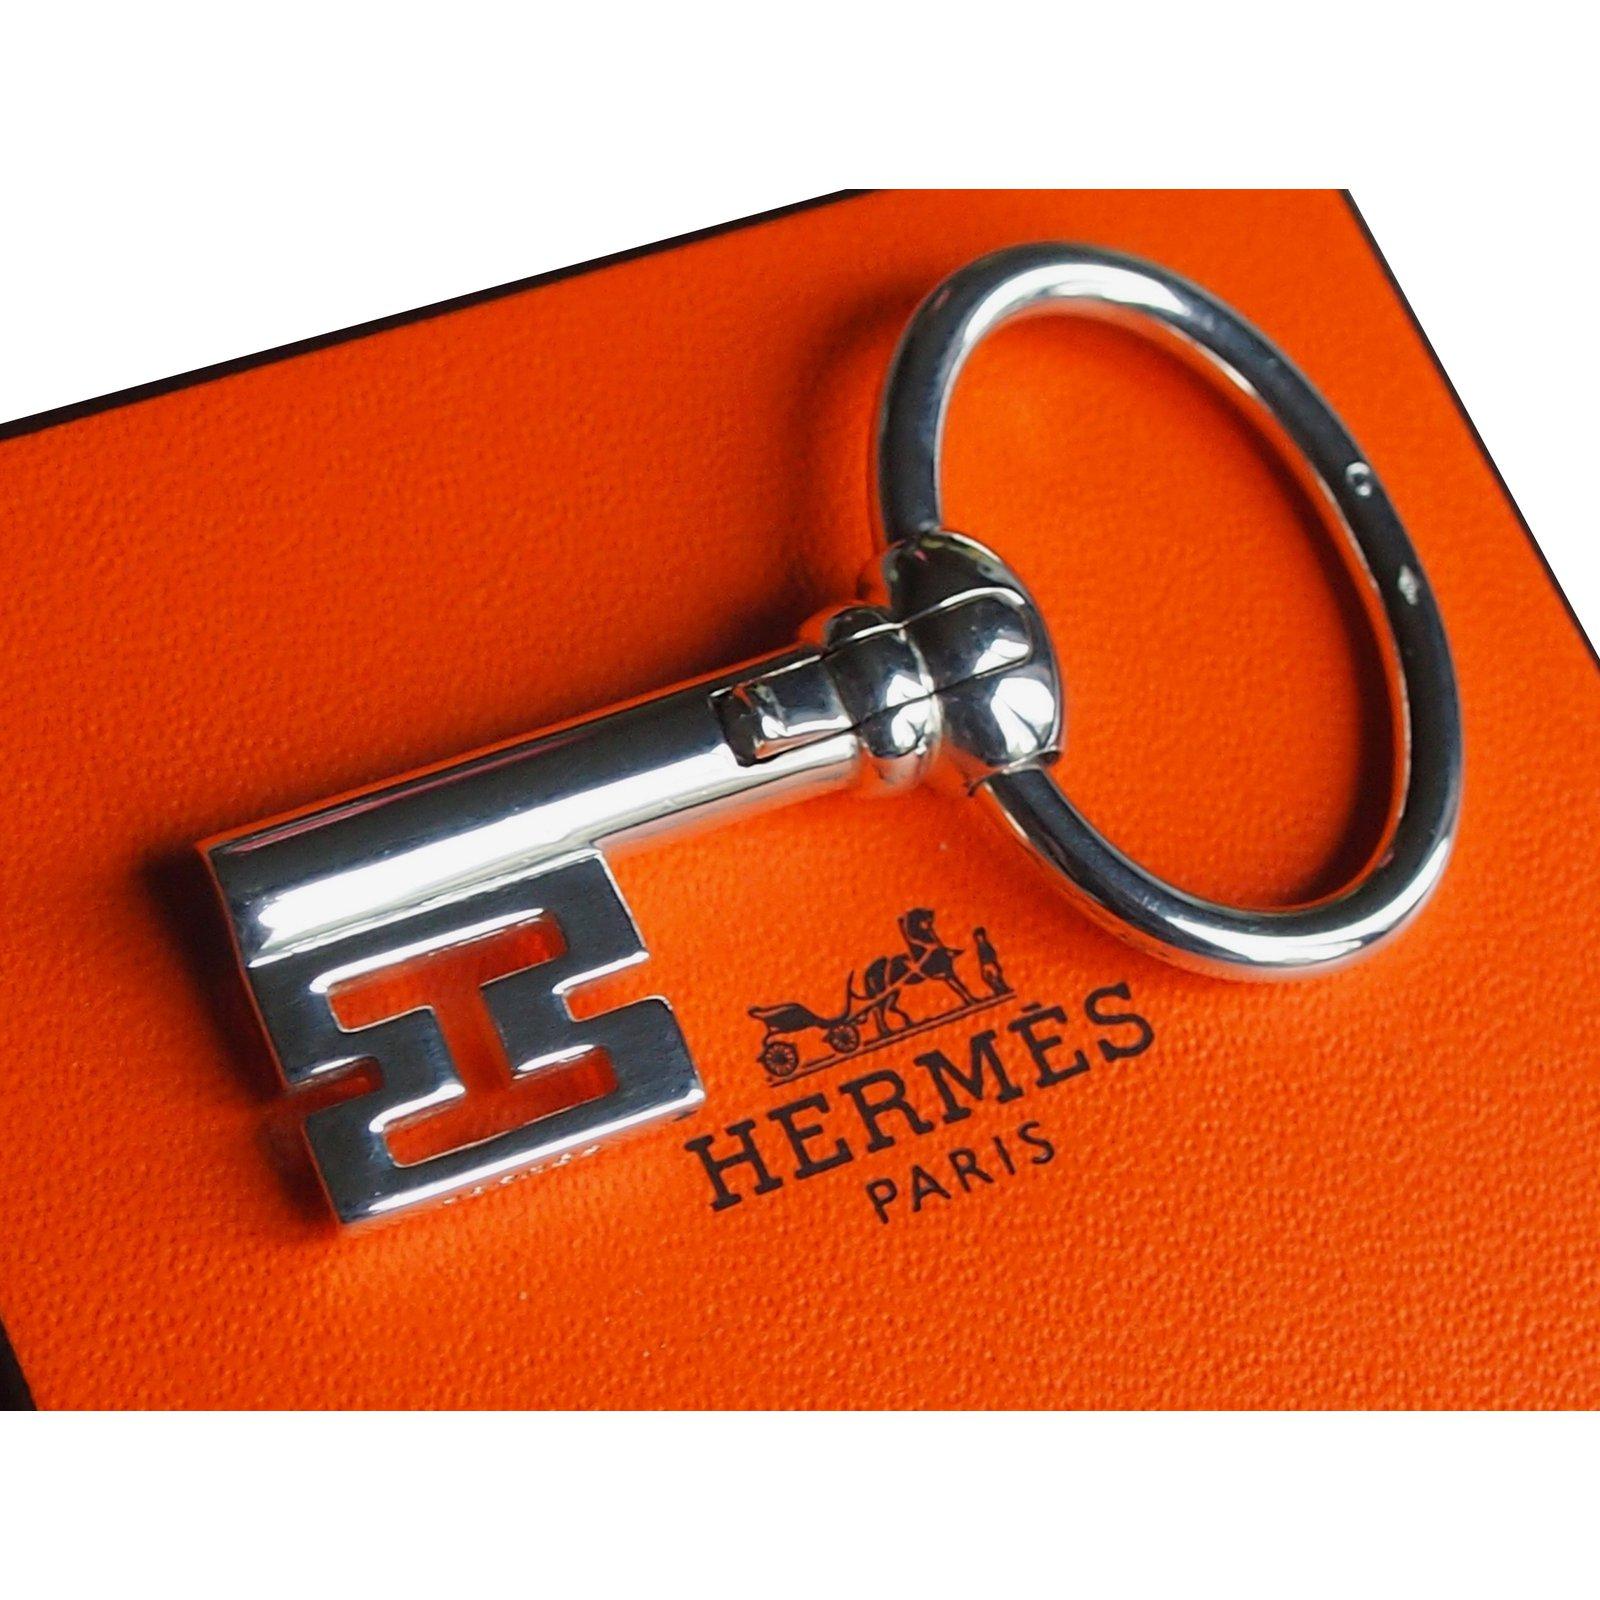 773de60636 Bijoux de sac Hermès Porte clé collector Argent Argenté ref.36292 - Joli  Closet